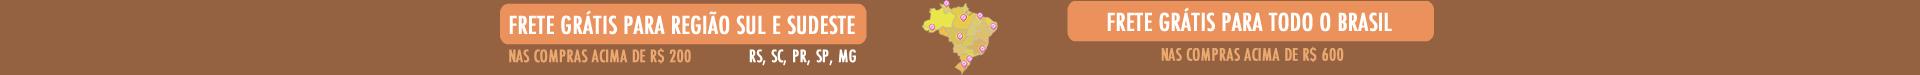 Frete Grátis Brasil acima de R$ 200,00 (Região Sul / Sudeste)